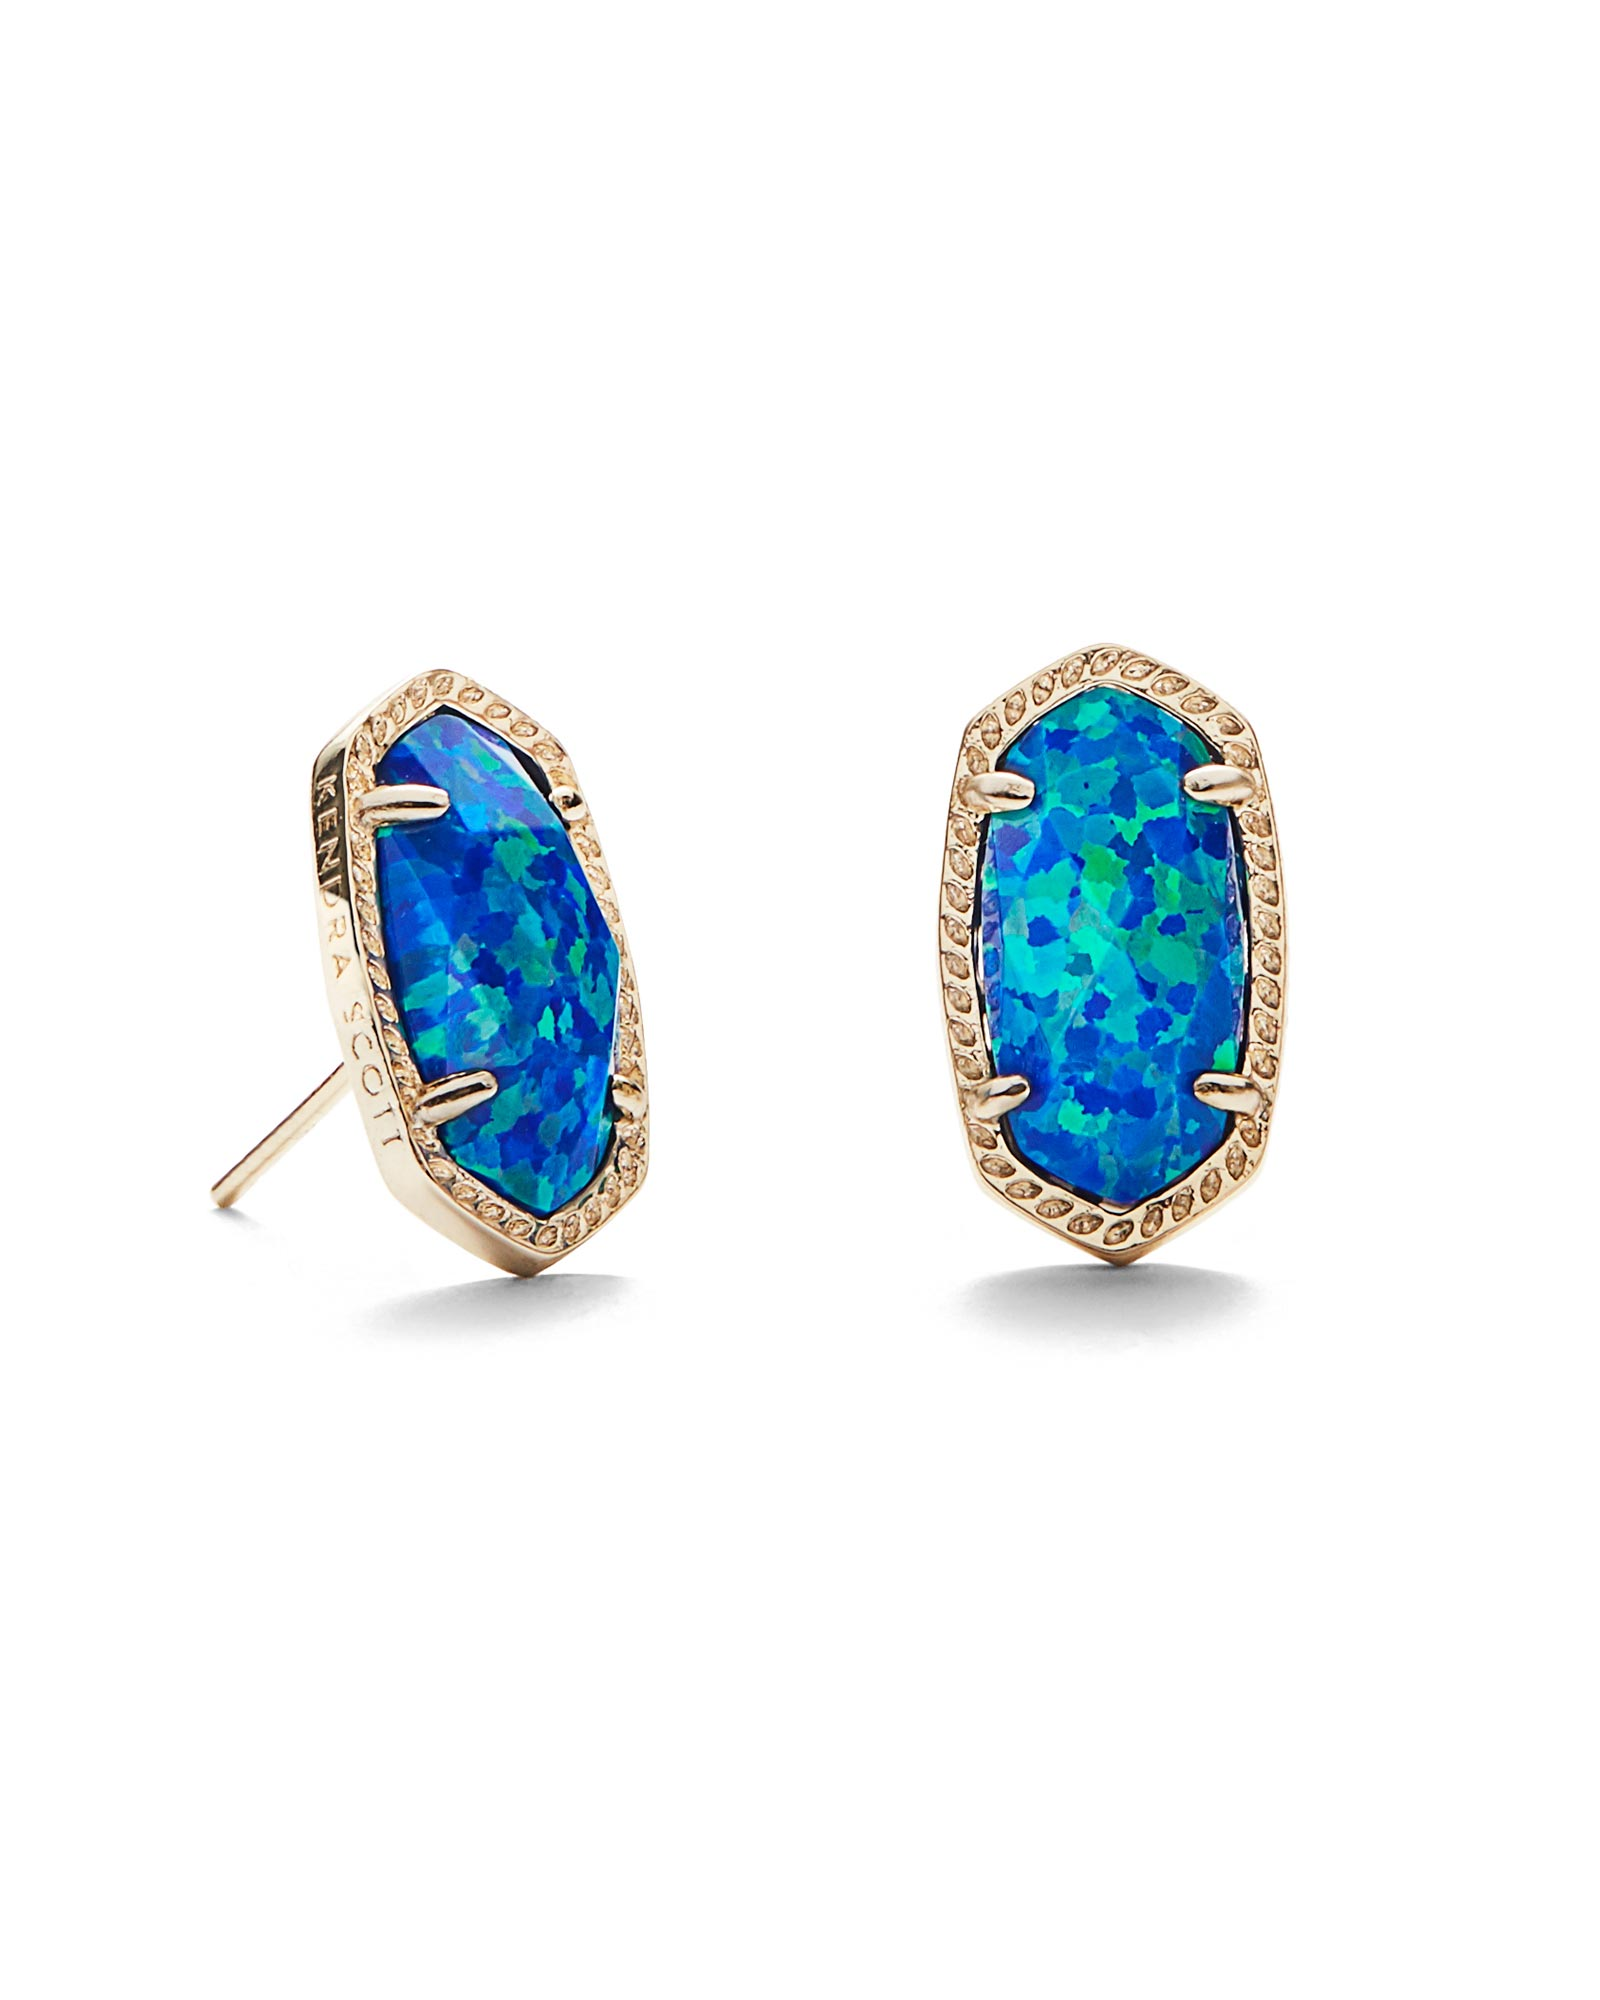 Ellie Gold Stud Earrings in Blue Opal